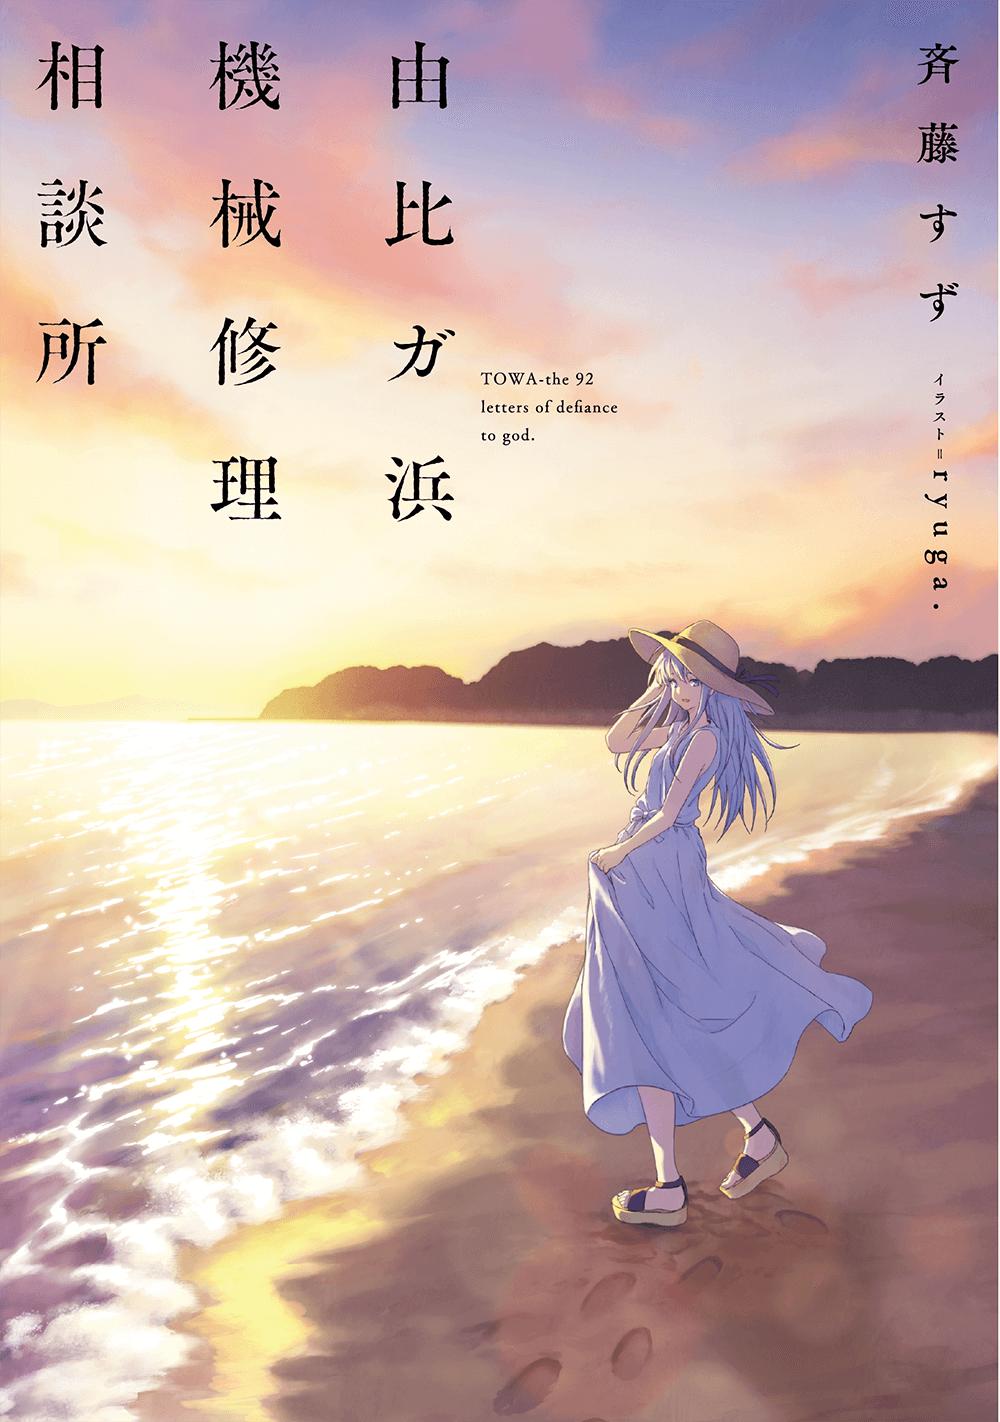 電撃の新文芸『由比ガ浜機械修理相談所』